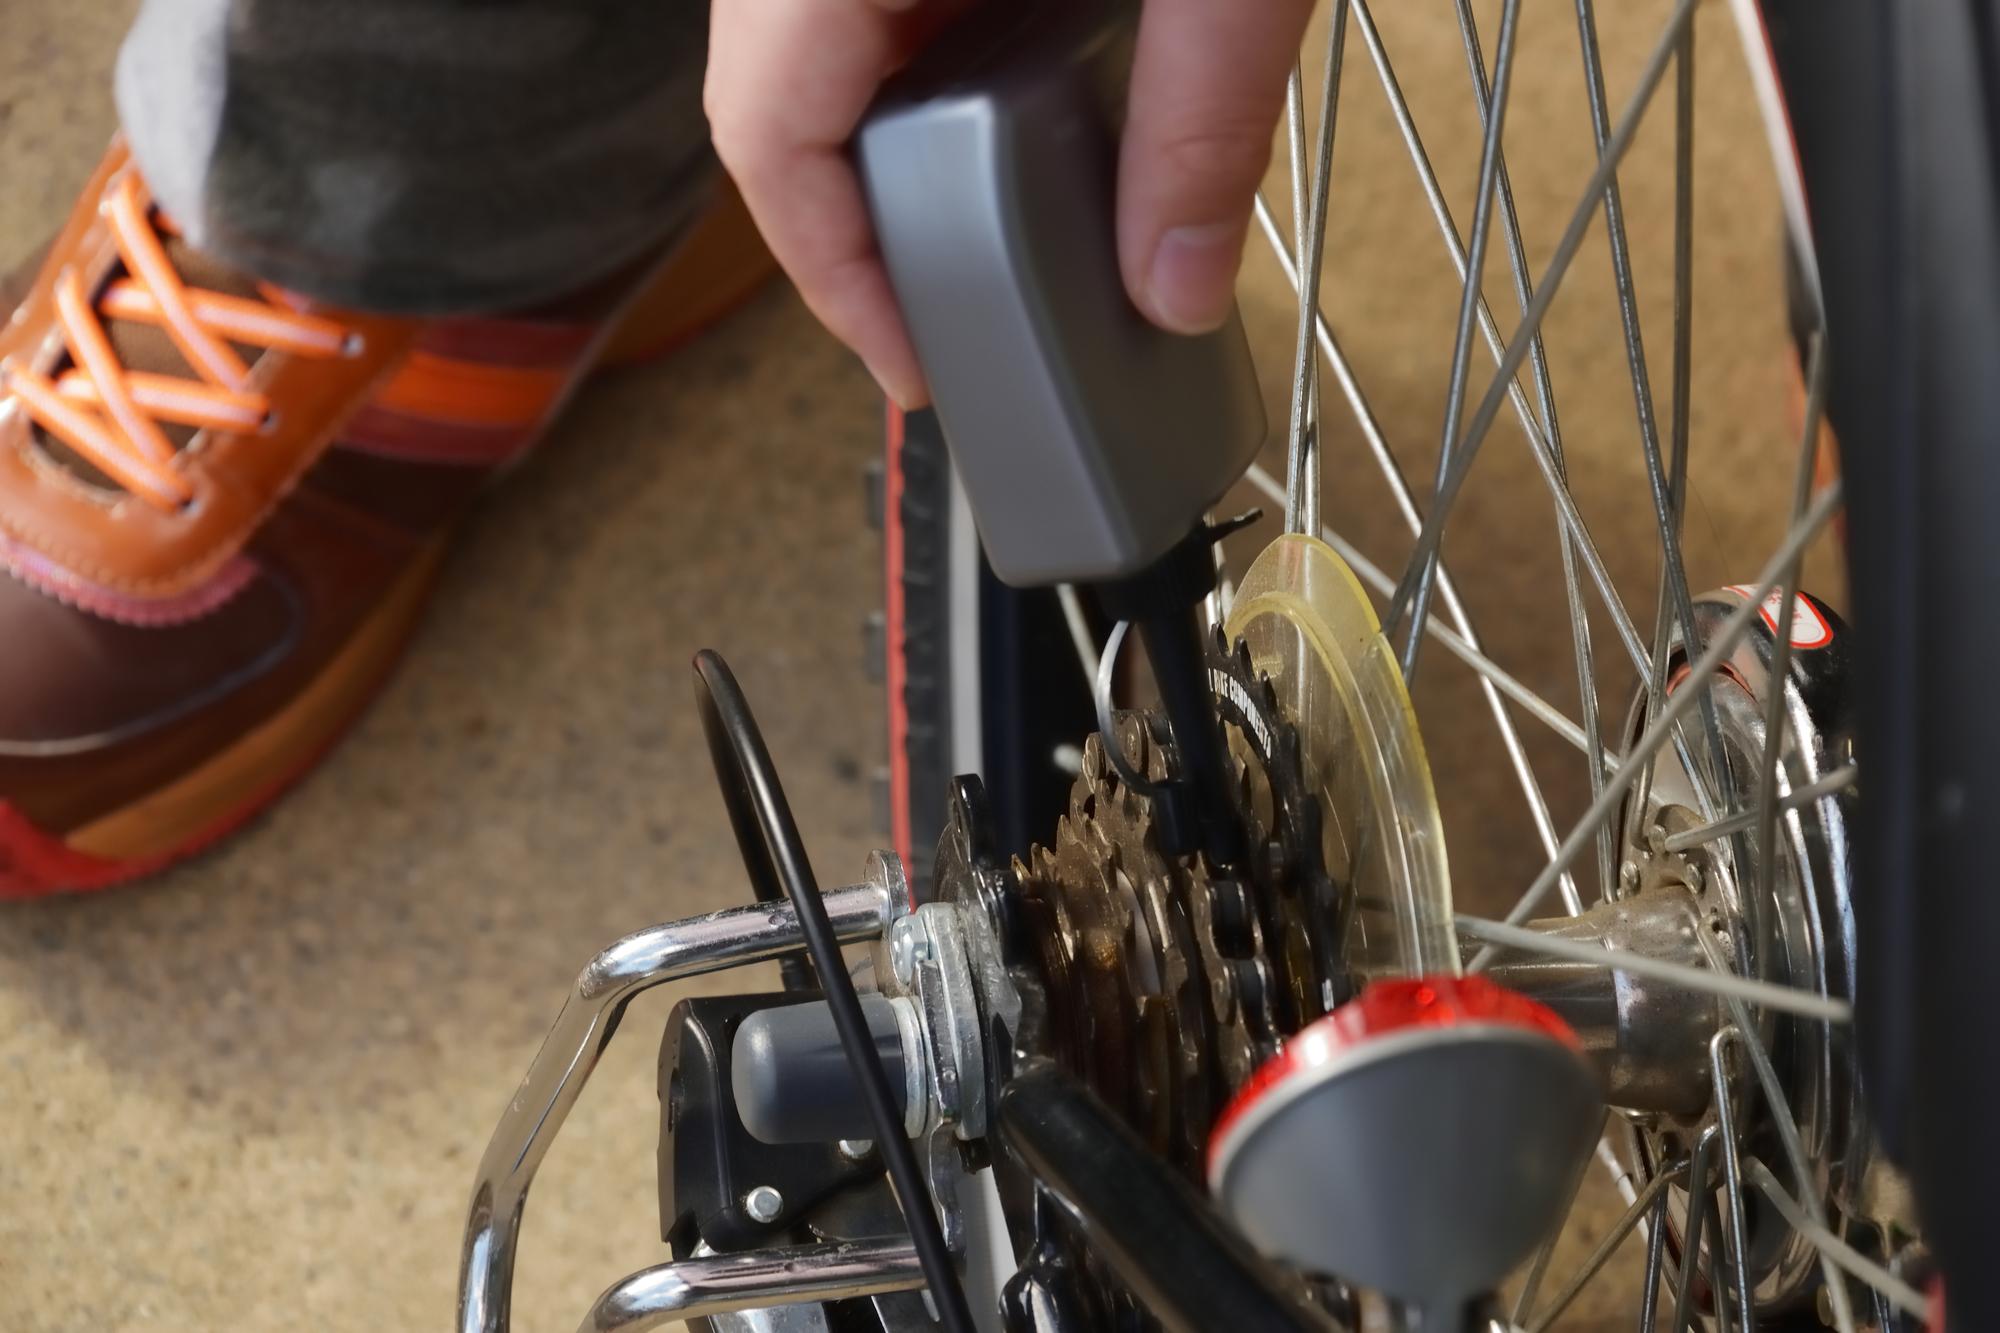 【保存版!】ロードバイクをいつもキレイに保つための洗車用品について